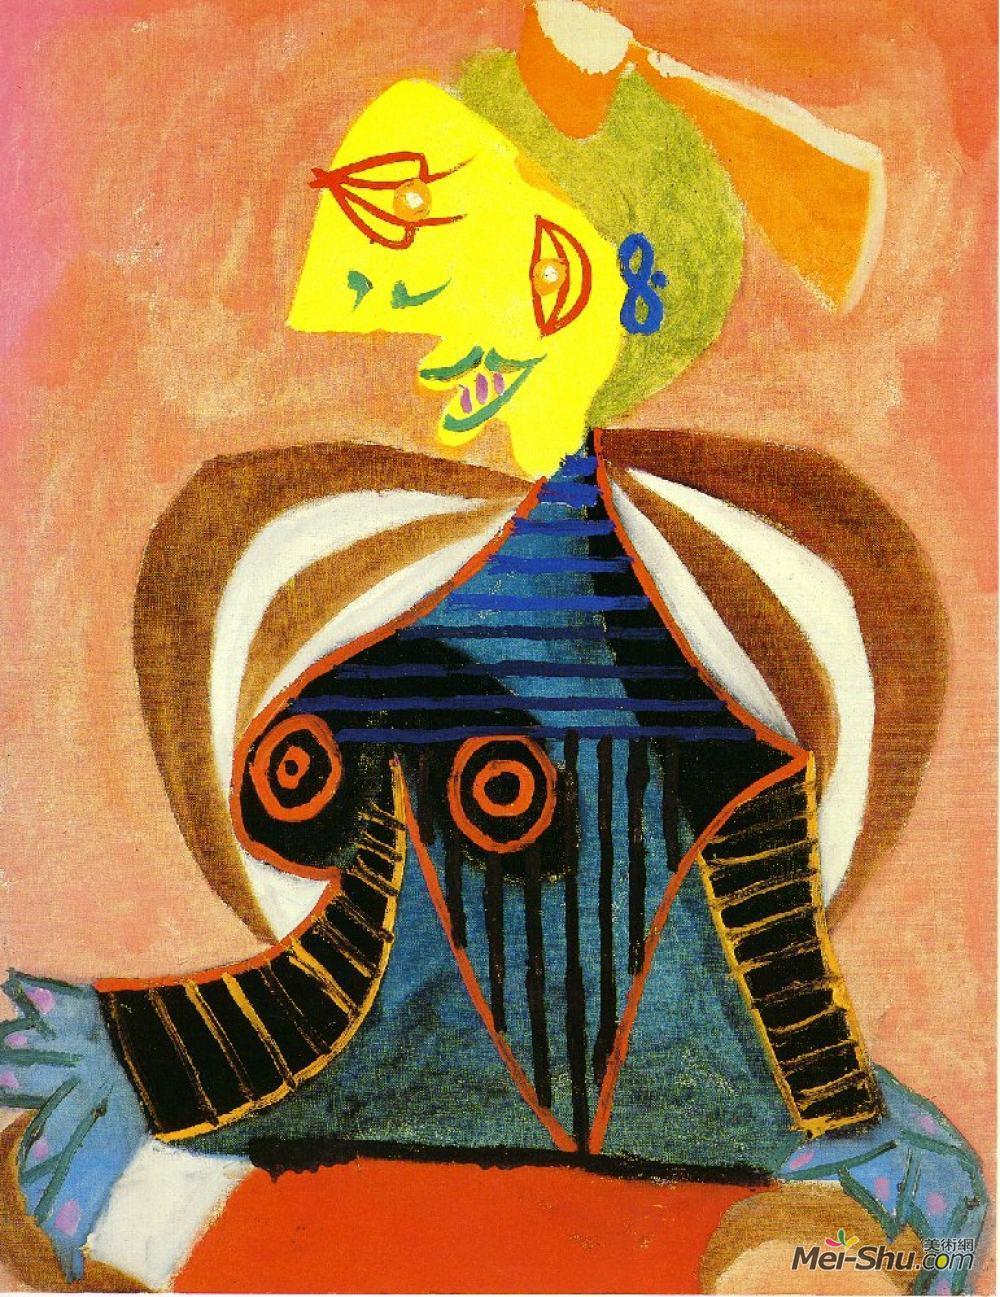 李占春:心理哲学家——解析——毕加索——怪诞背后的难言之隐